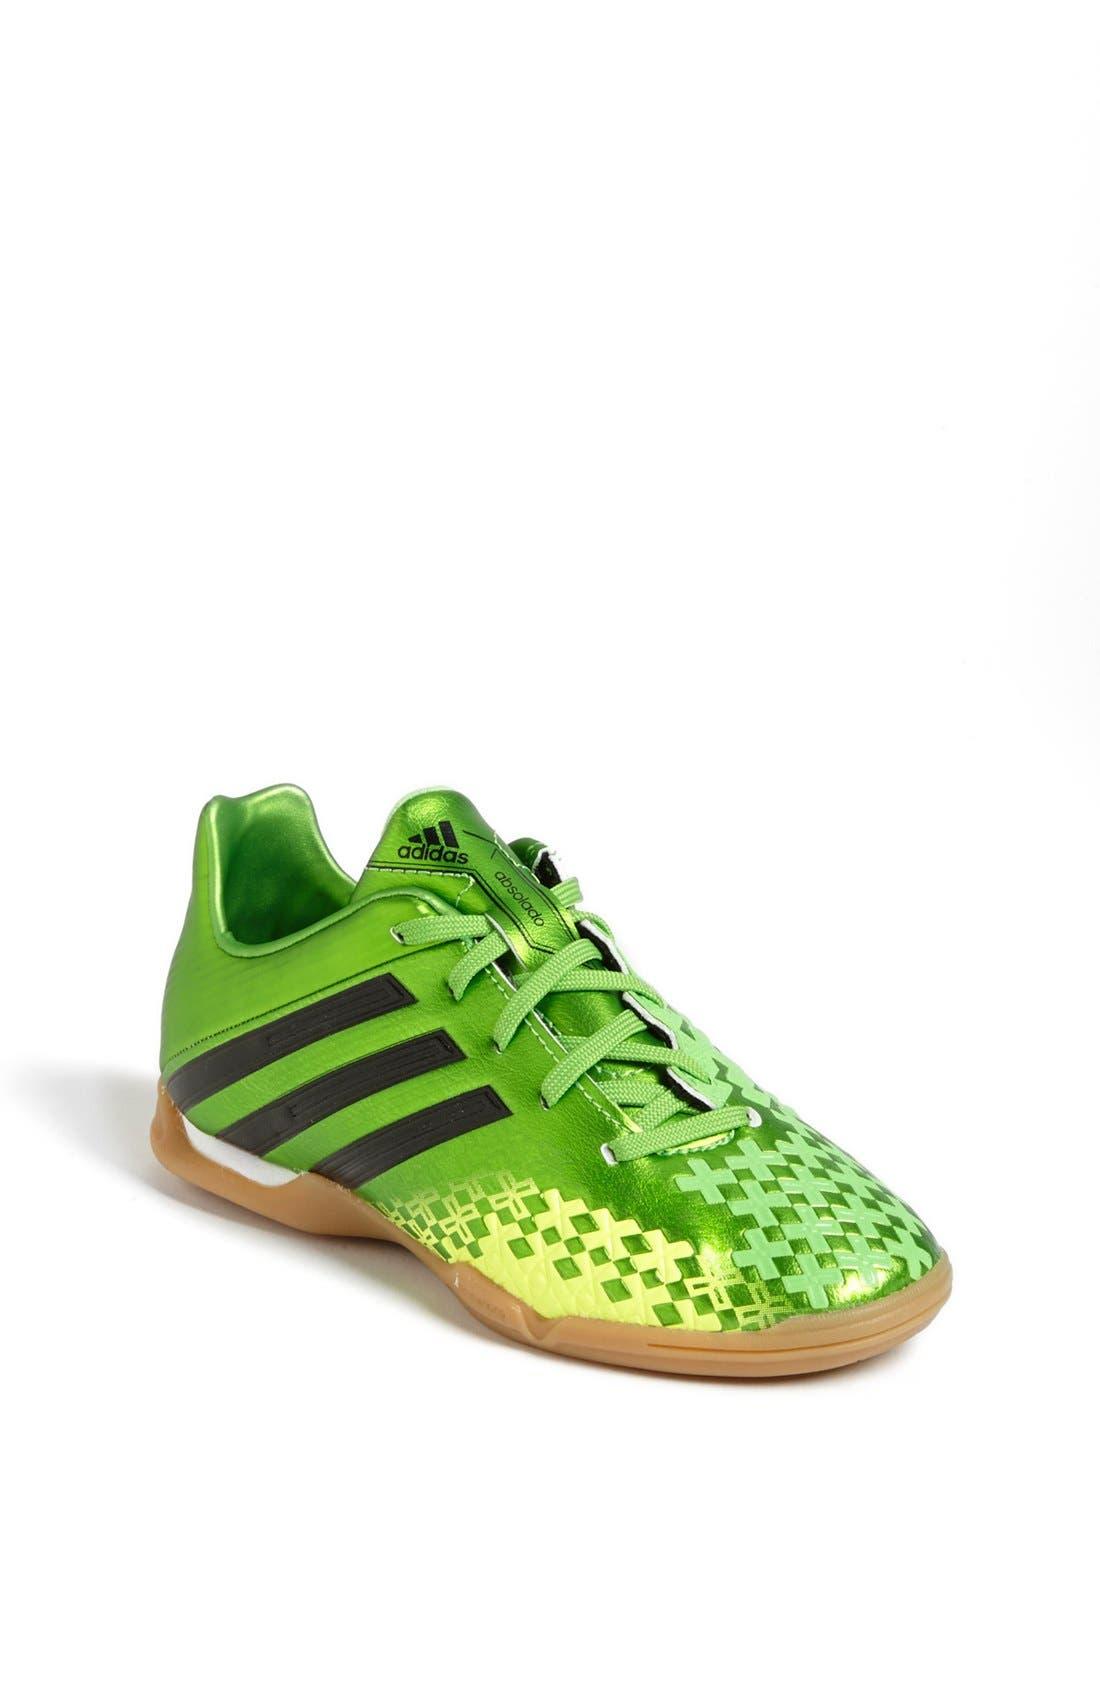 ADIDAS 'Predator Absolado LZ' Indoor Soccer Shoe, Main, color, 301